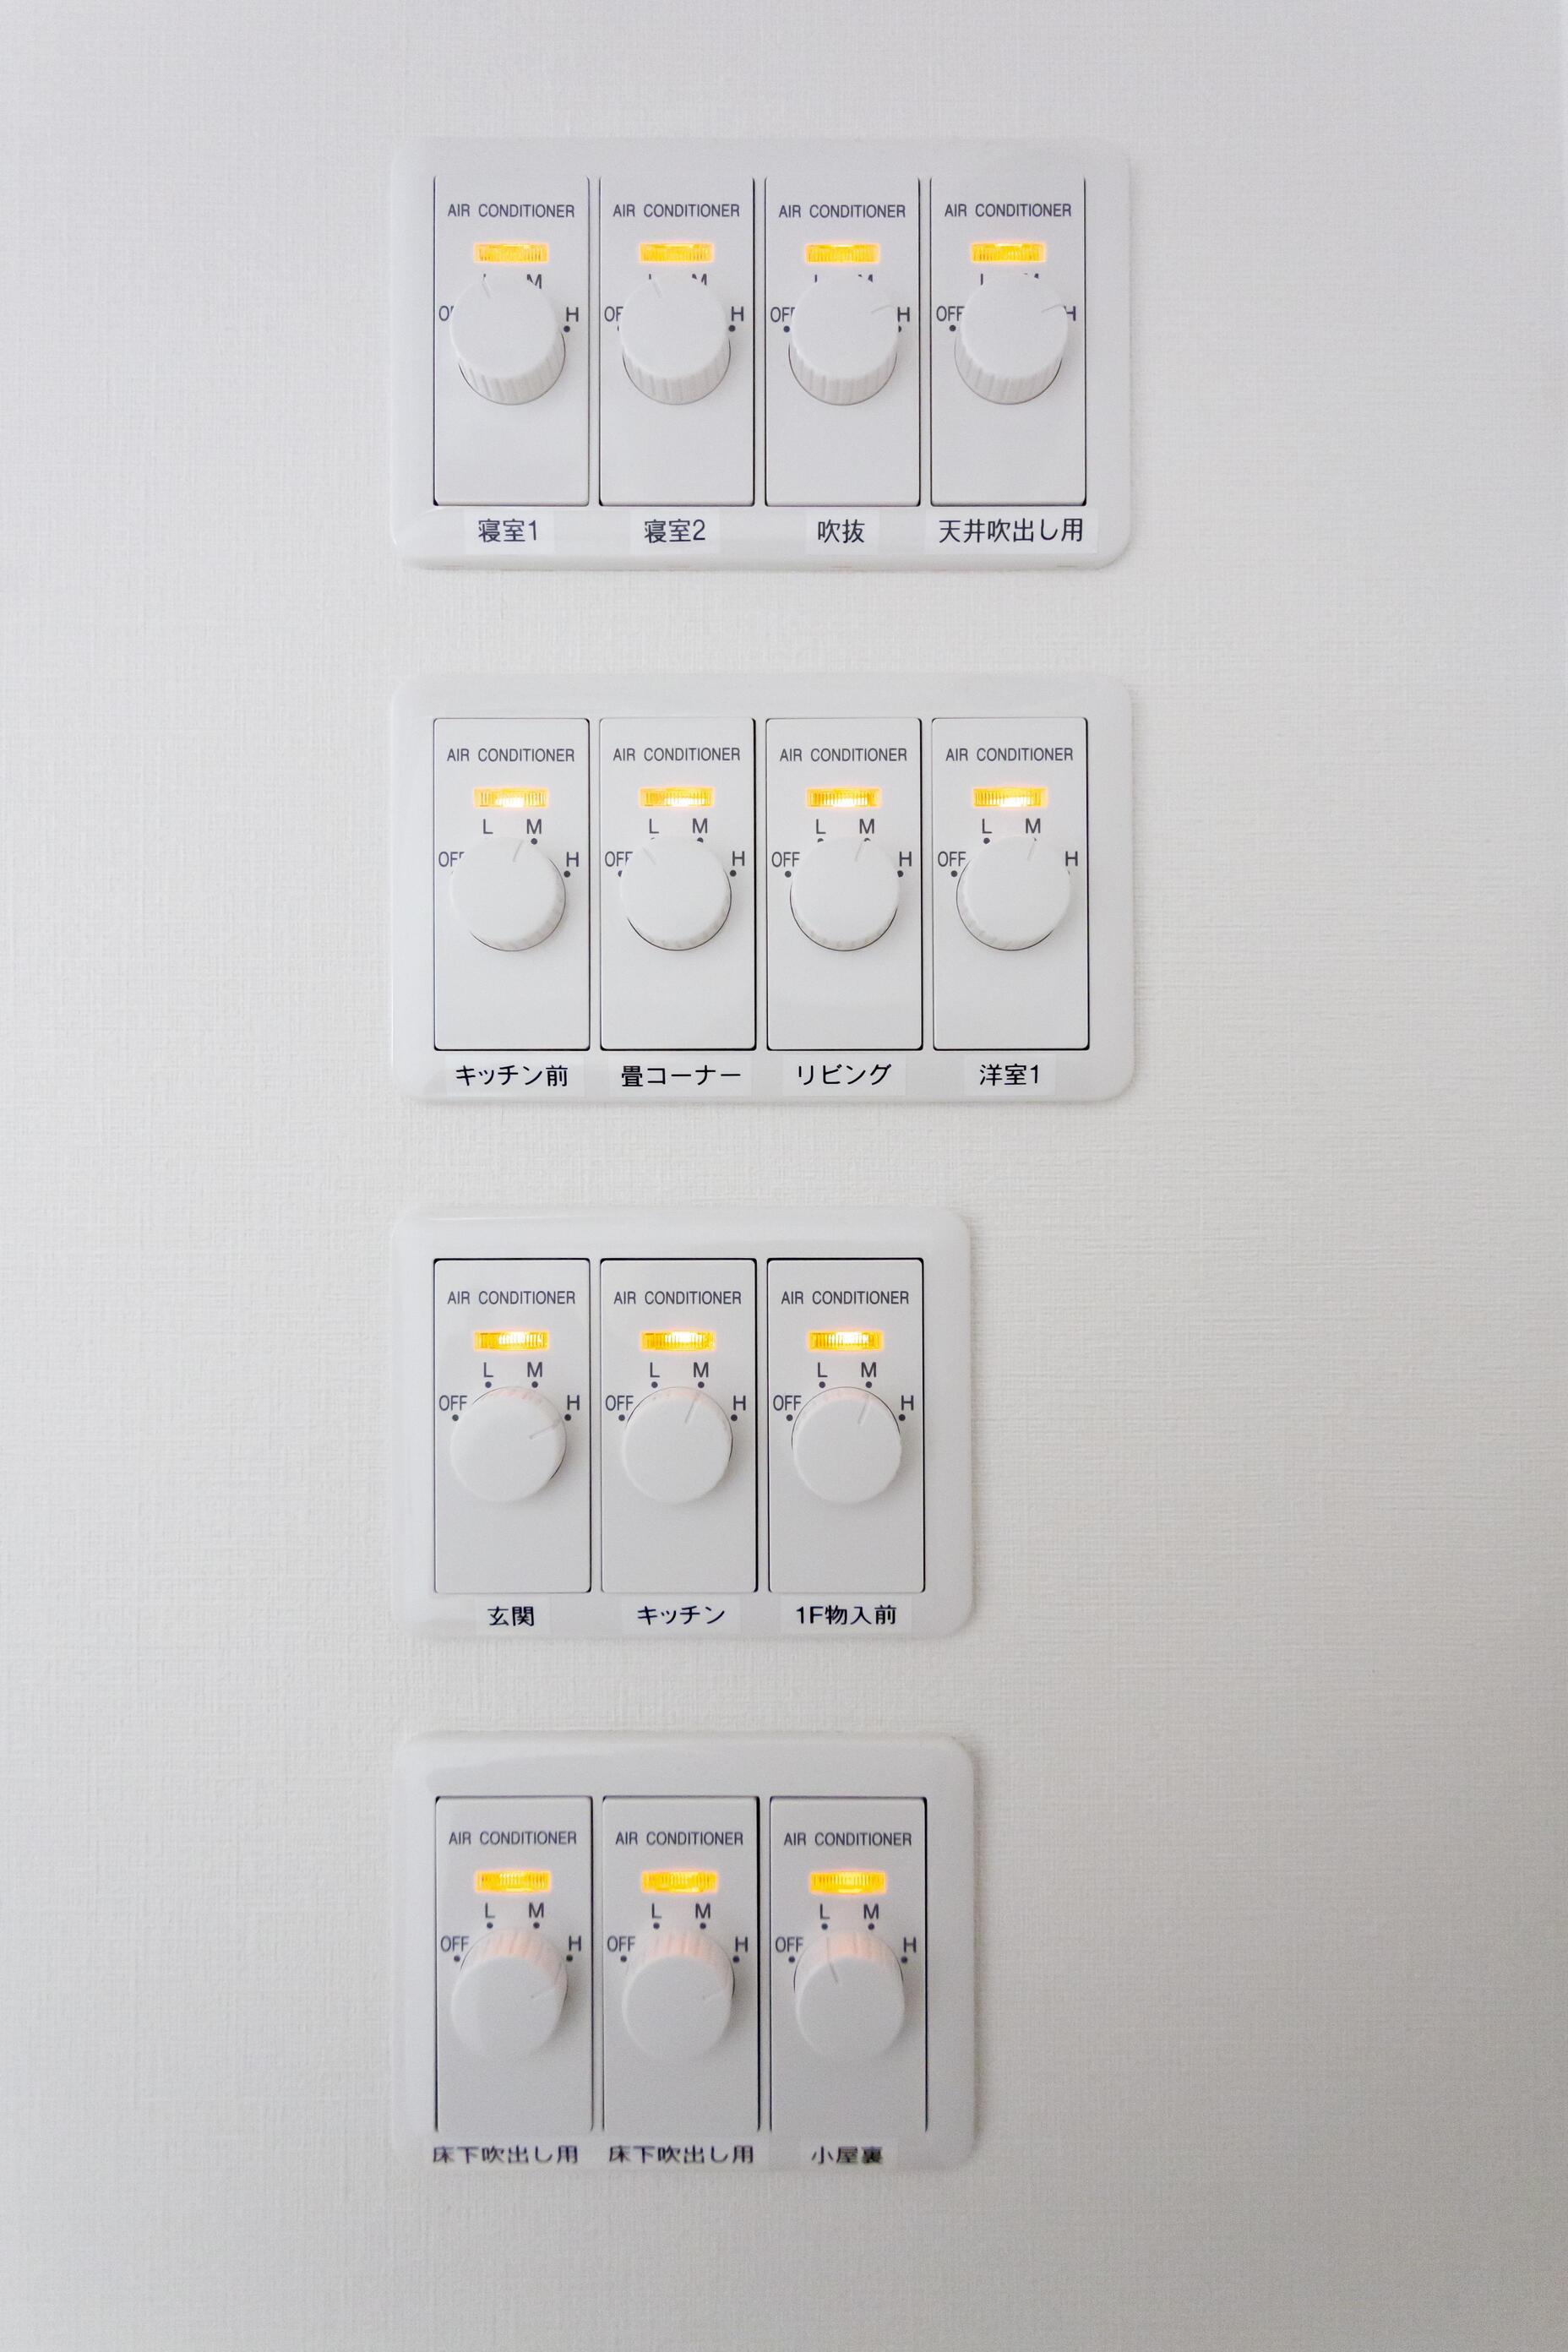 全館空調のコントロールパネル。全ての居室の空調を1ヵ所で調整できる